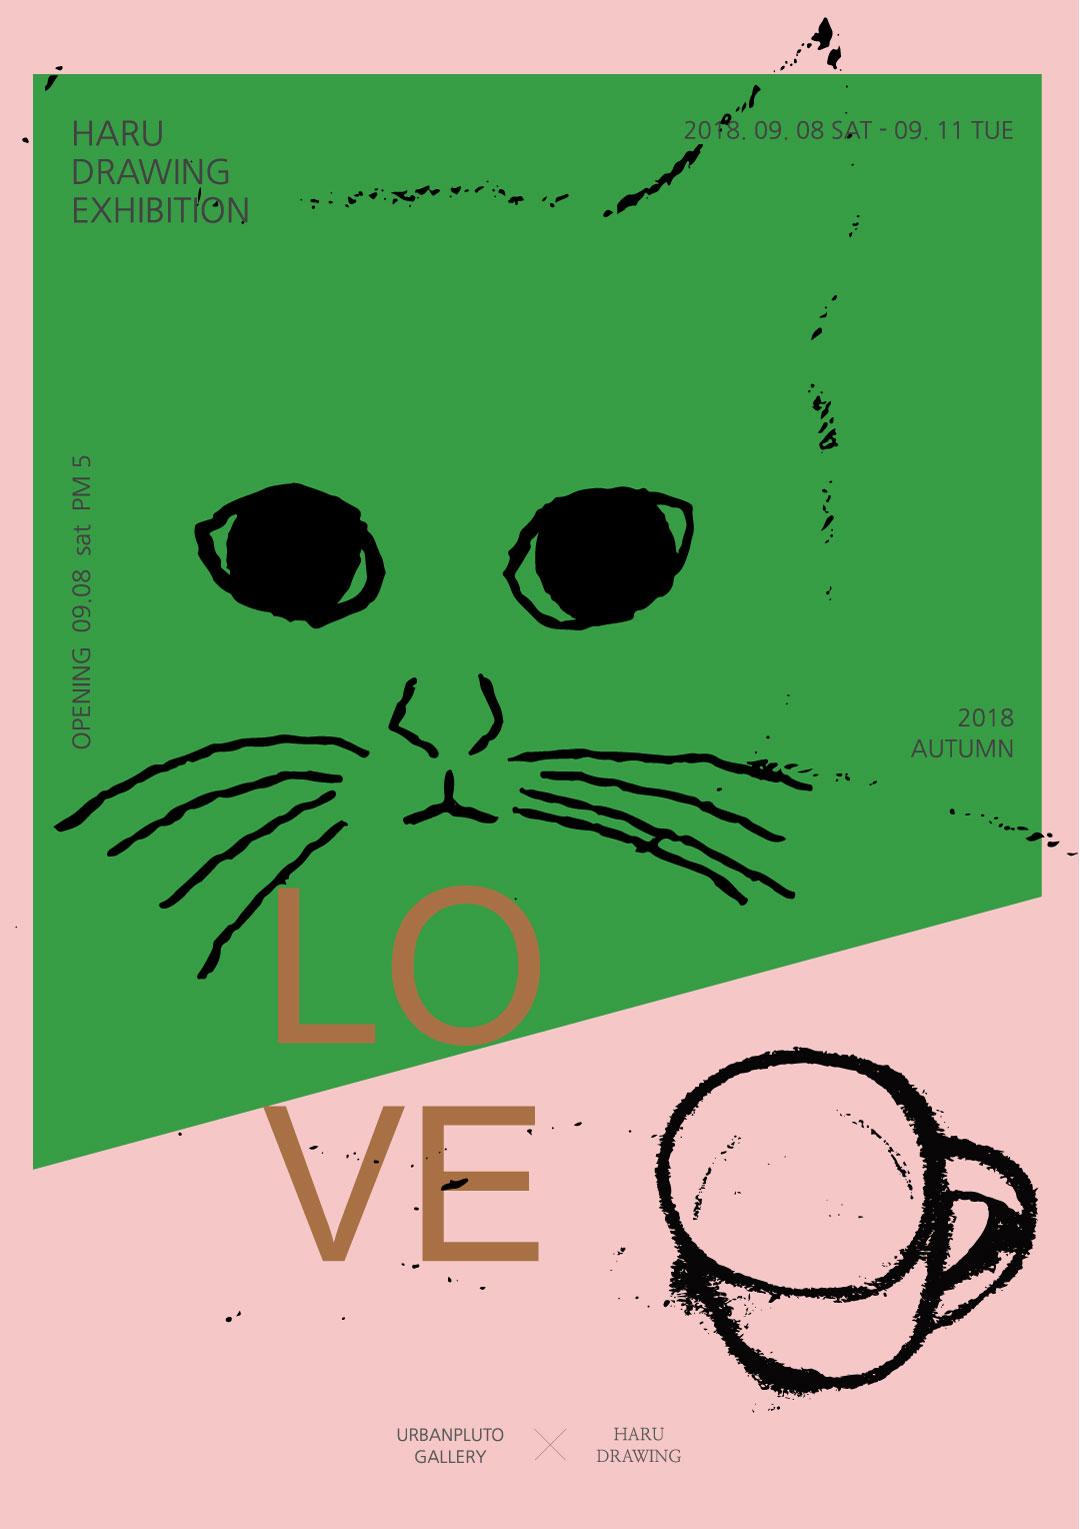 사랑에 대한 여덟 가지 단상 (하루드로잉) - 무료전시초대